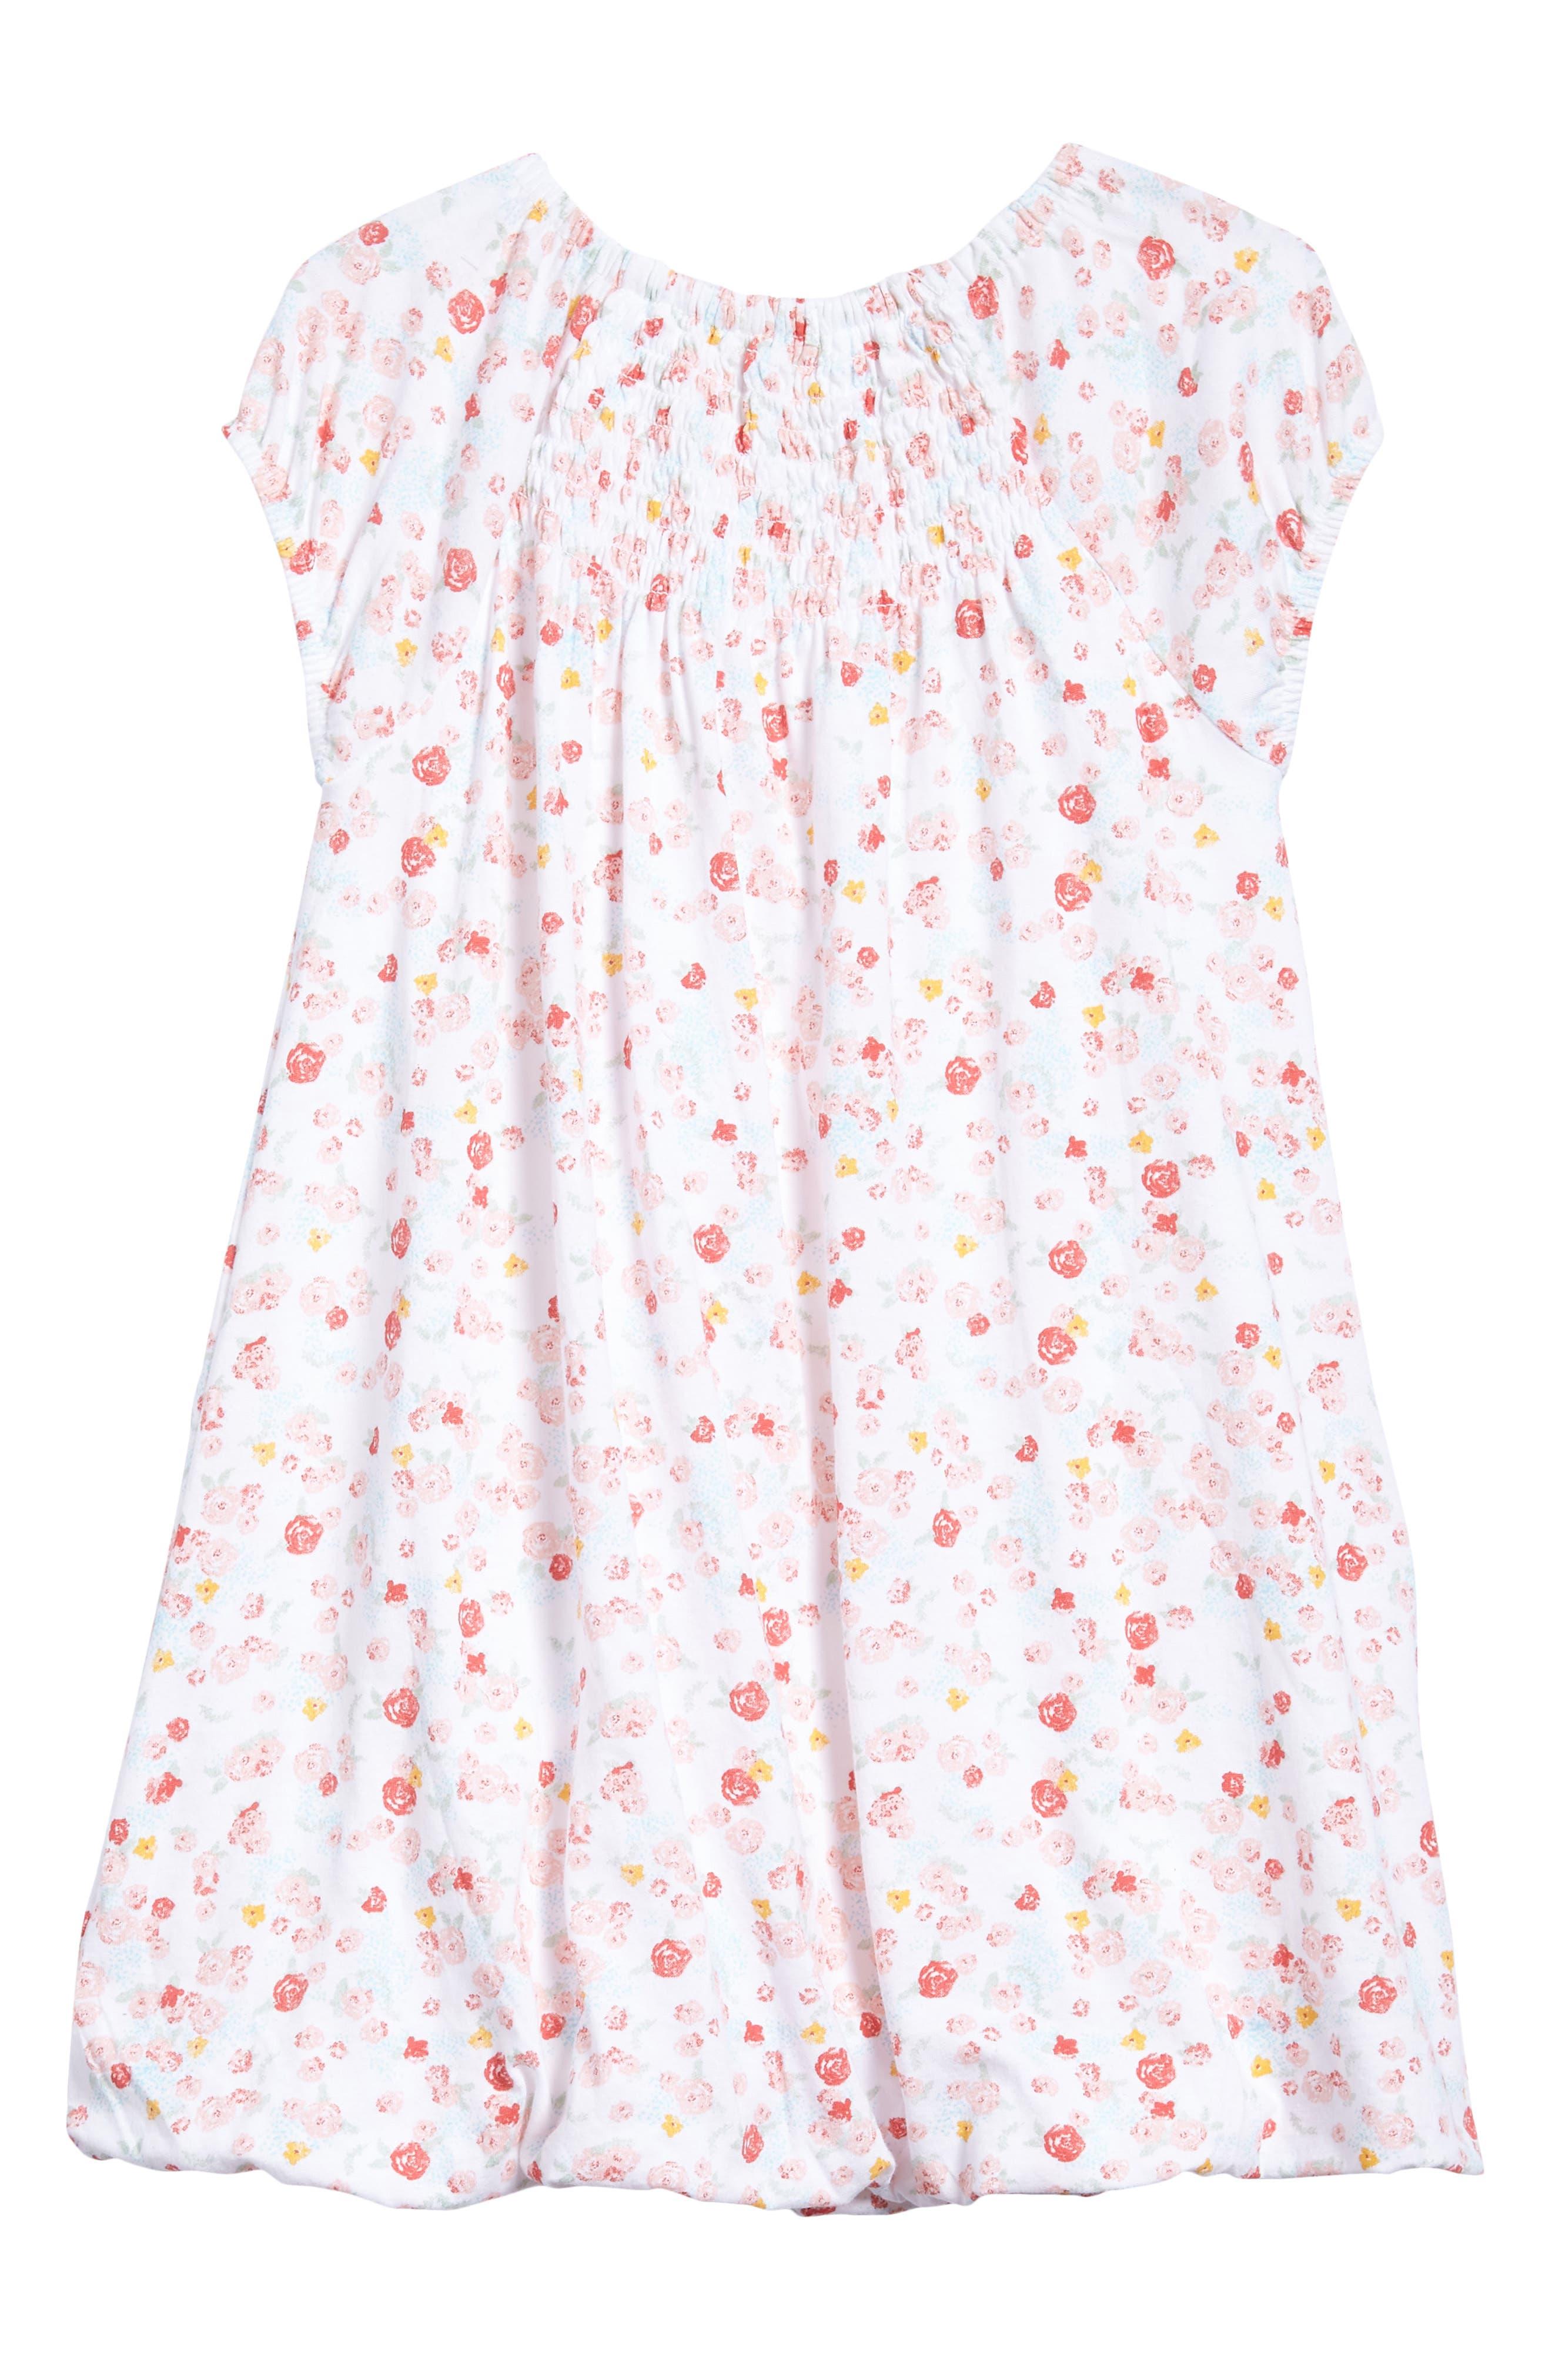 Ditsy Floral Print Bubble Dress,                             Alternate thumbnail 2, color,                             Cloud